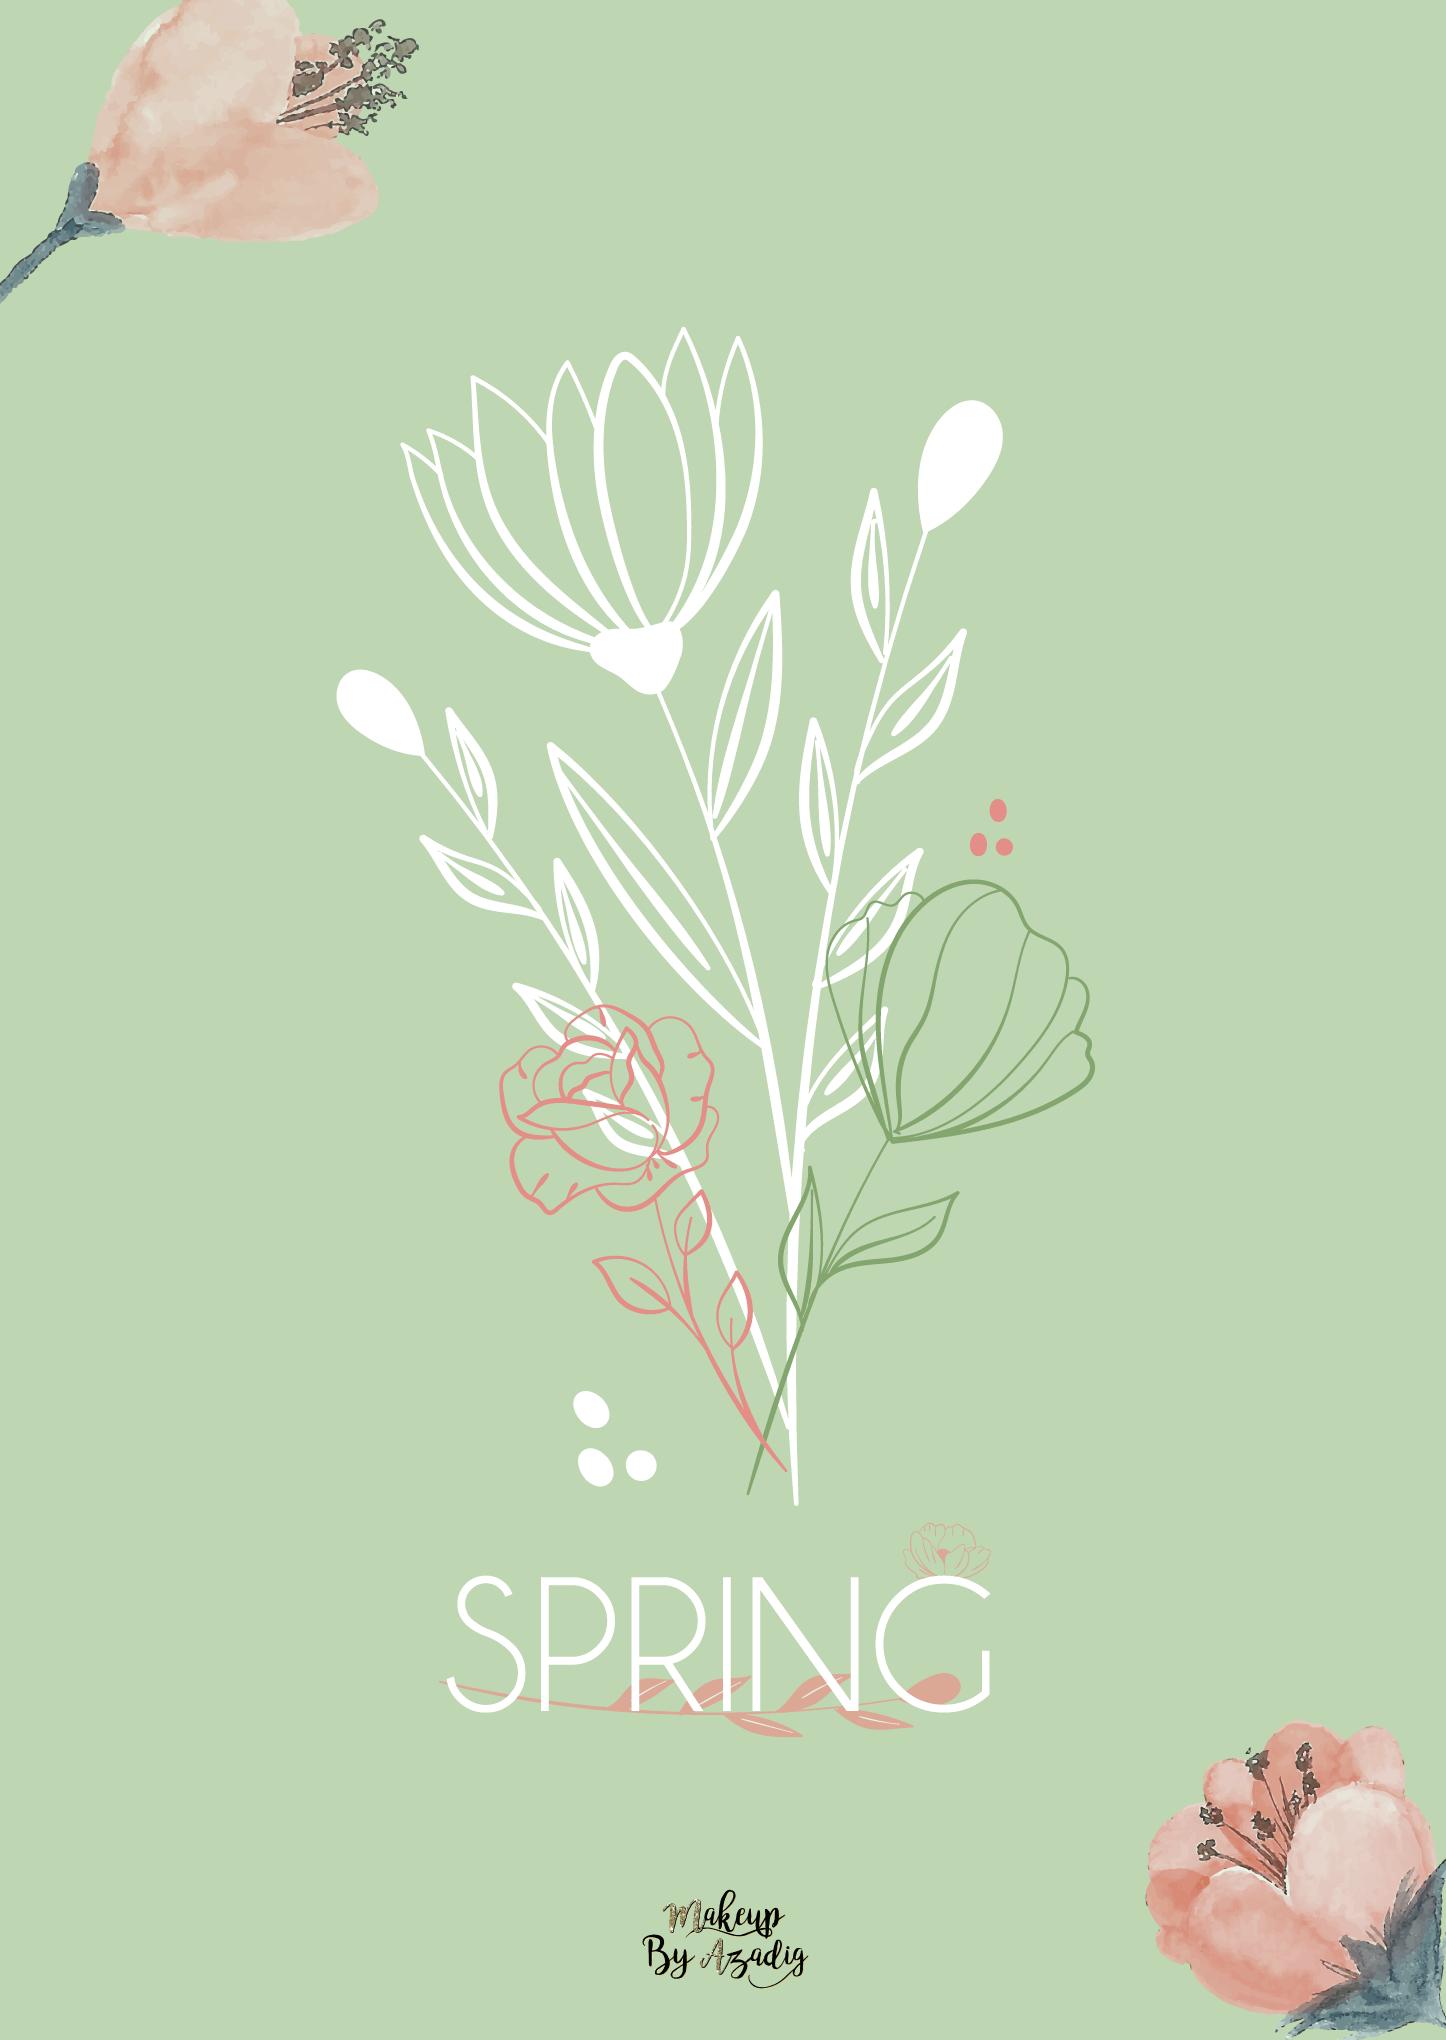 fond-decran-wallpaper-printemps-fleurs-flower-spring-girly-ipad-tablette-apple-makeupbyazadig-tendance